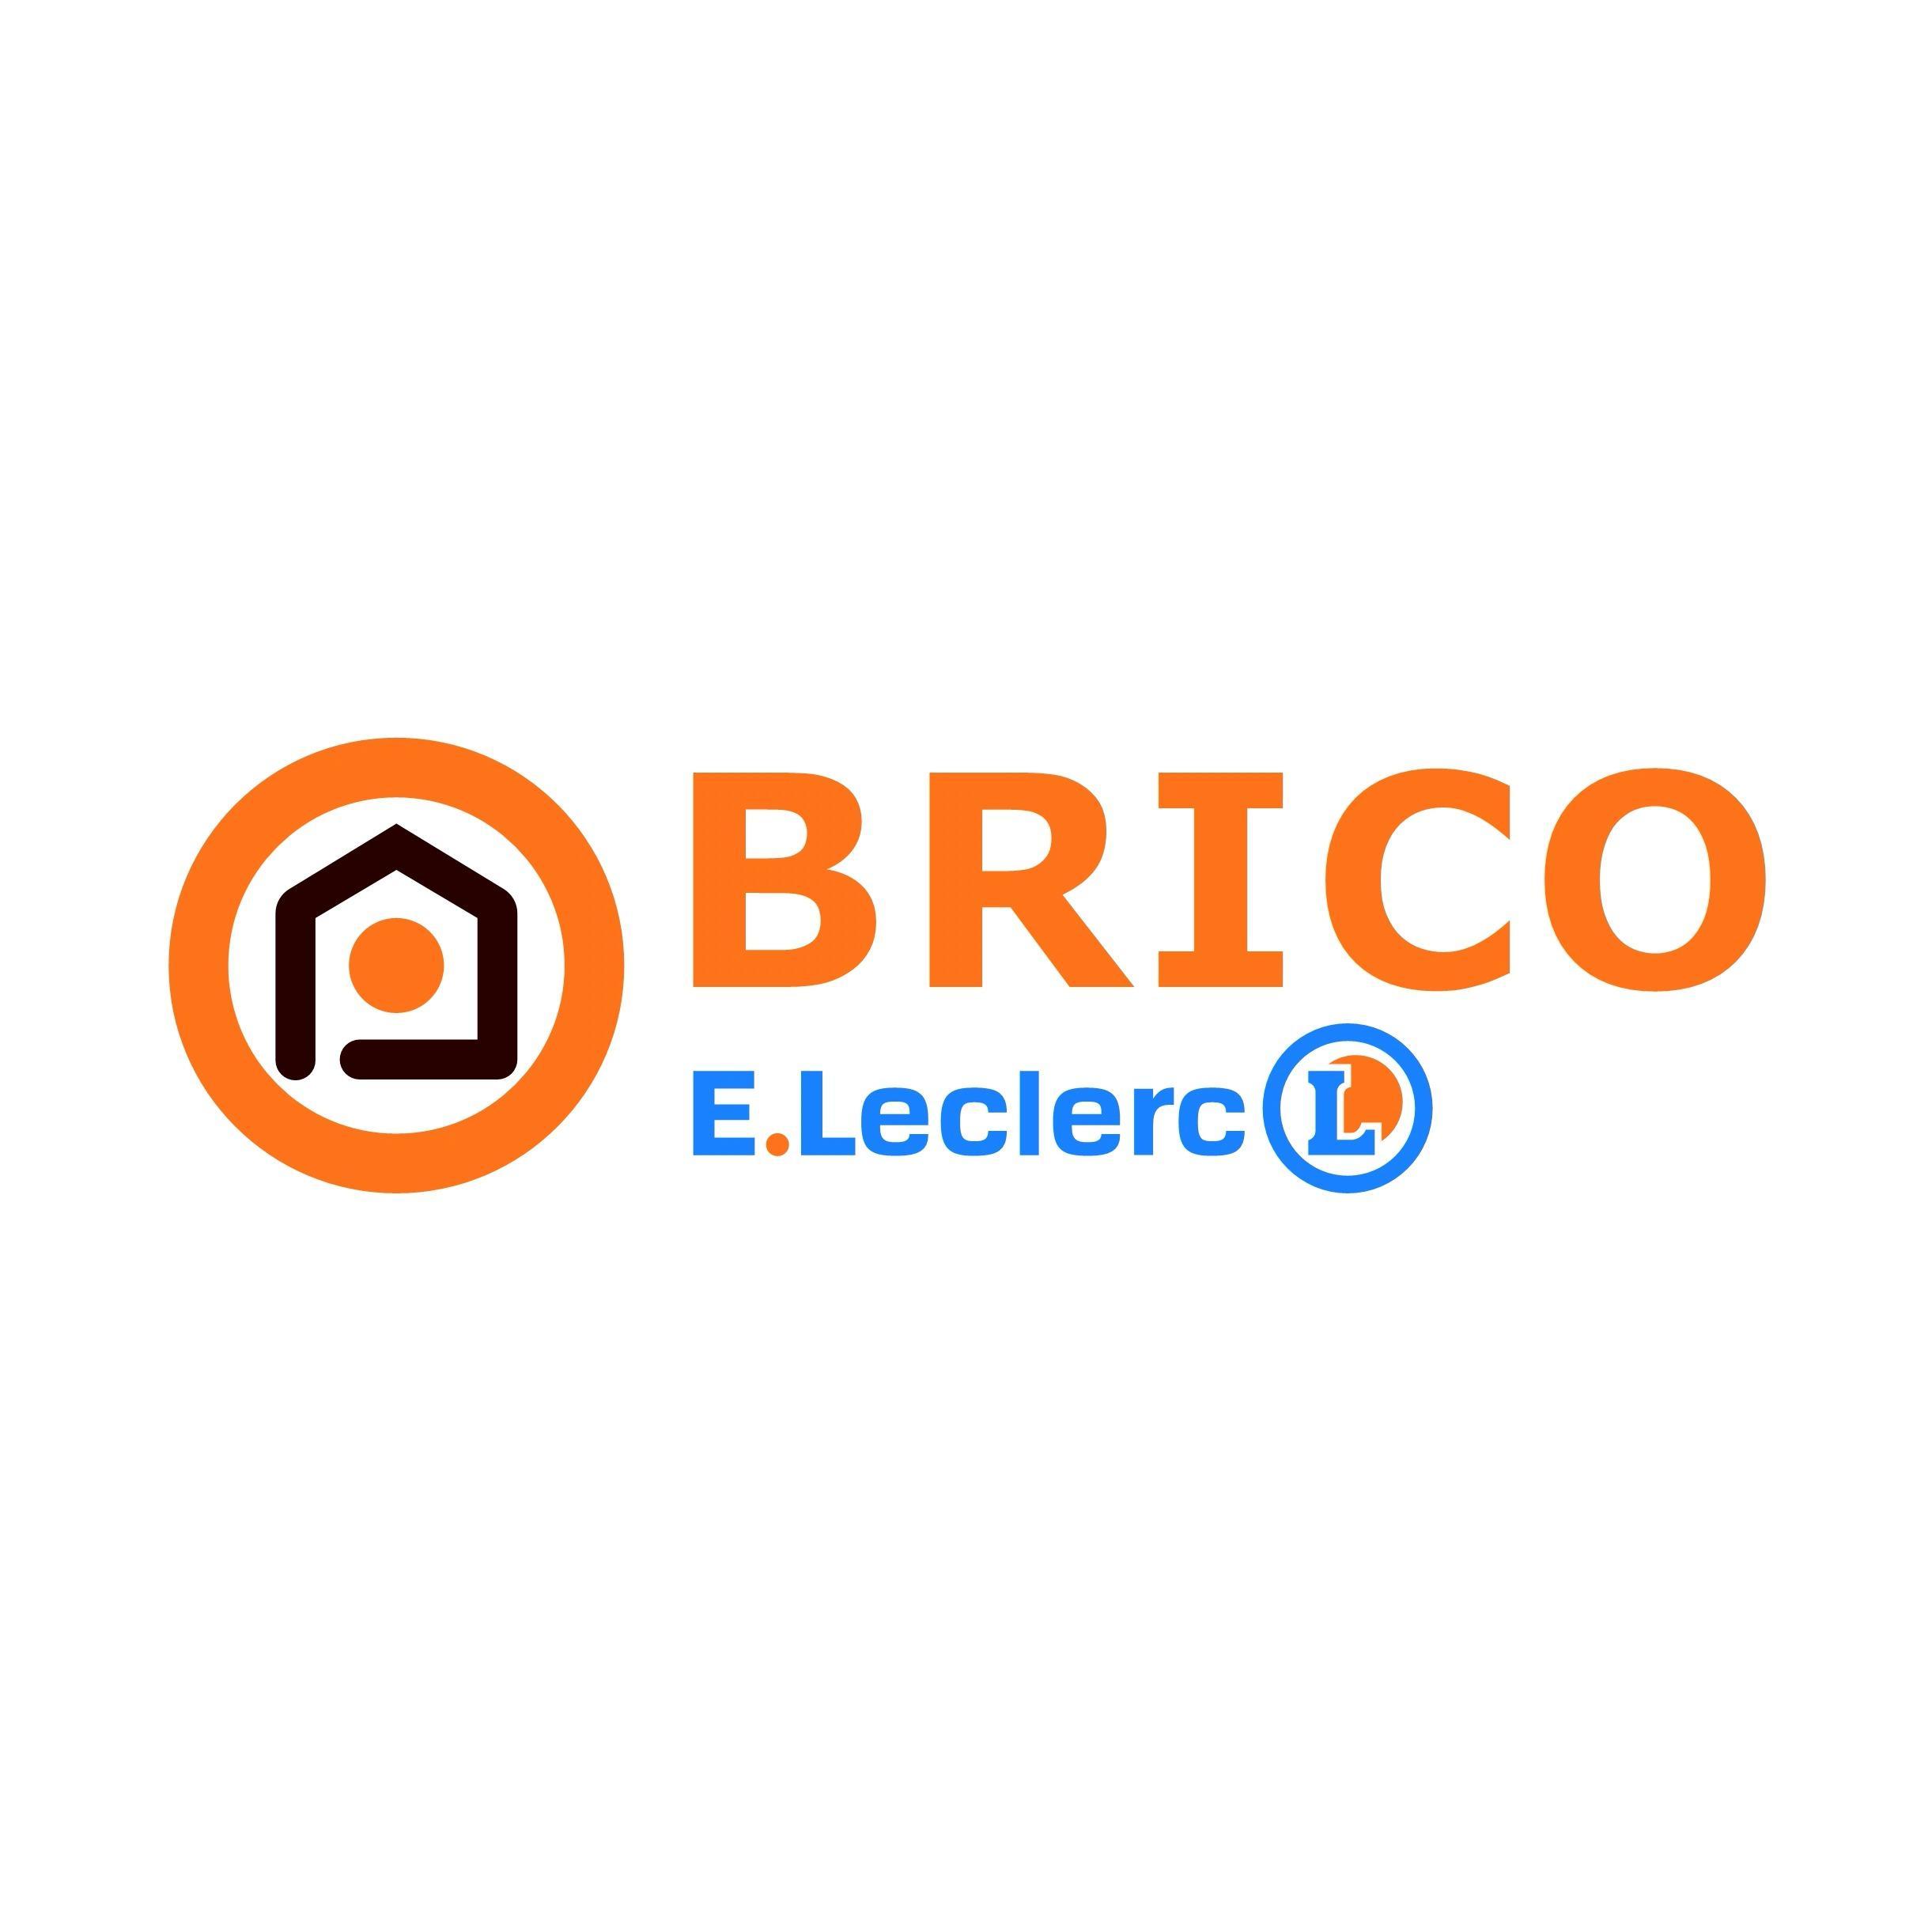 E.Leclerc Brico